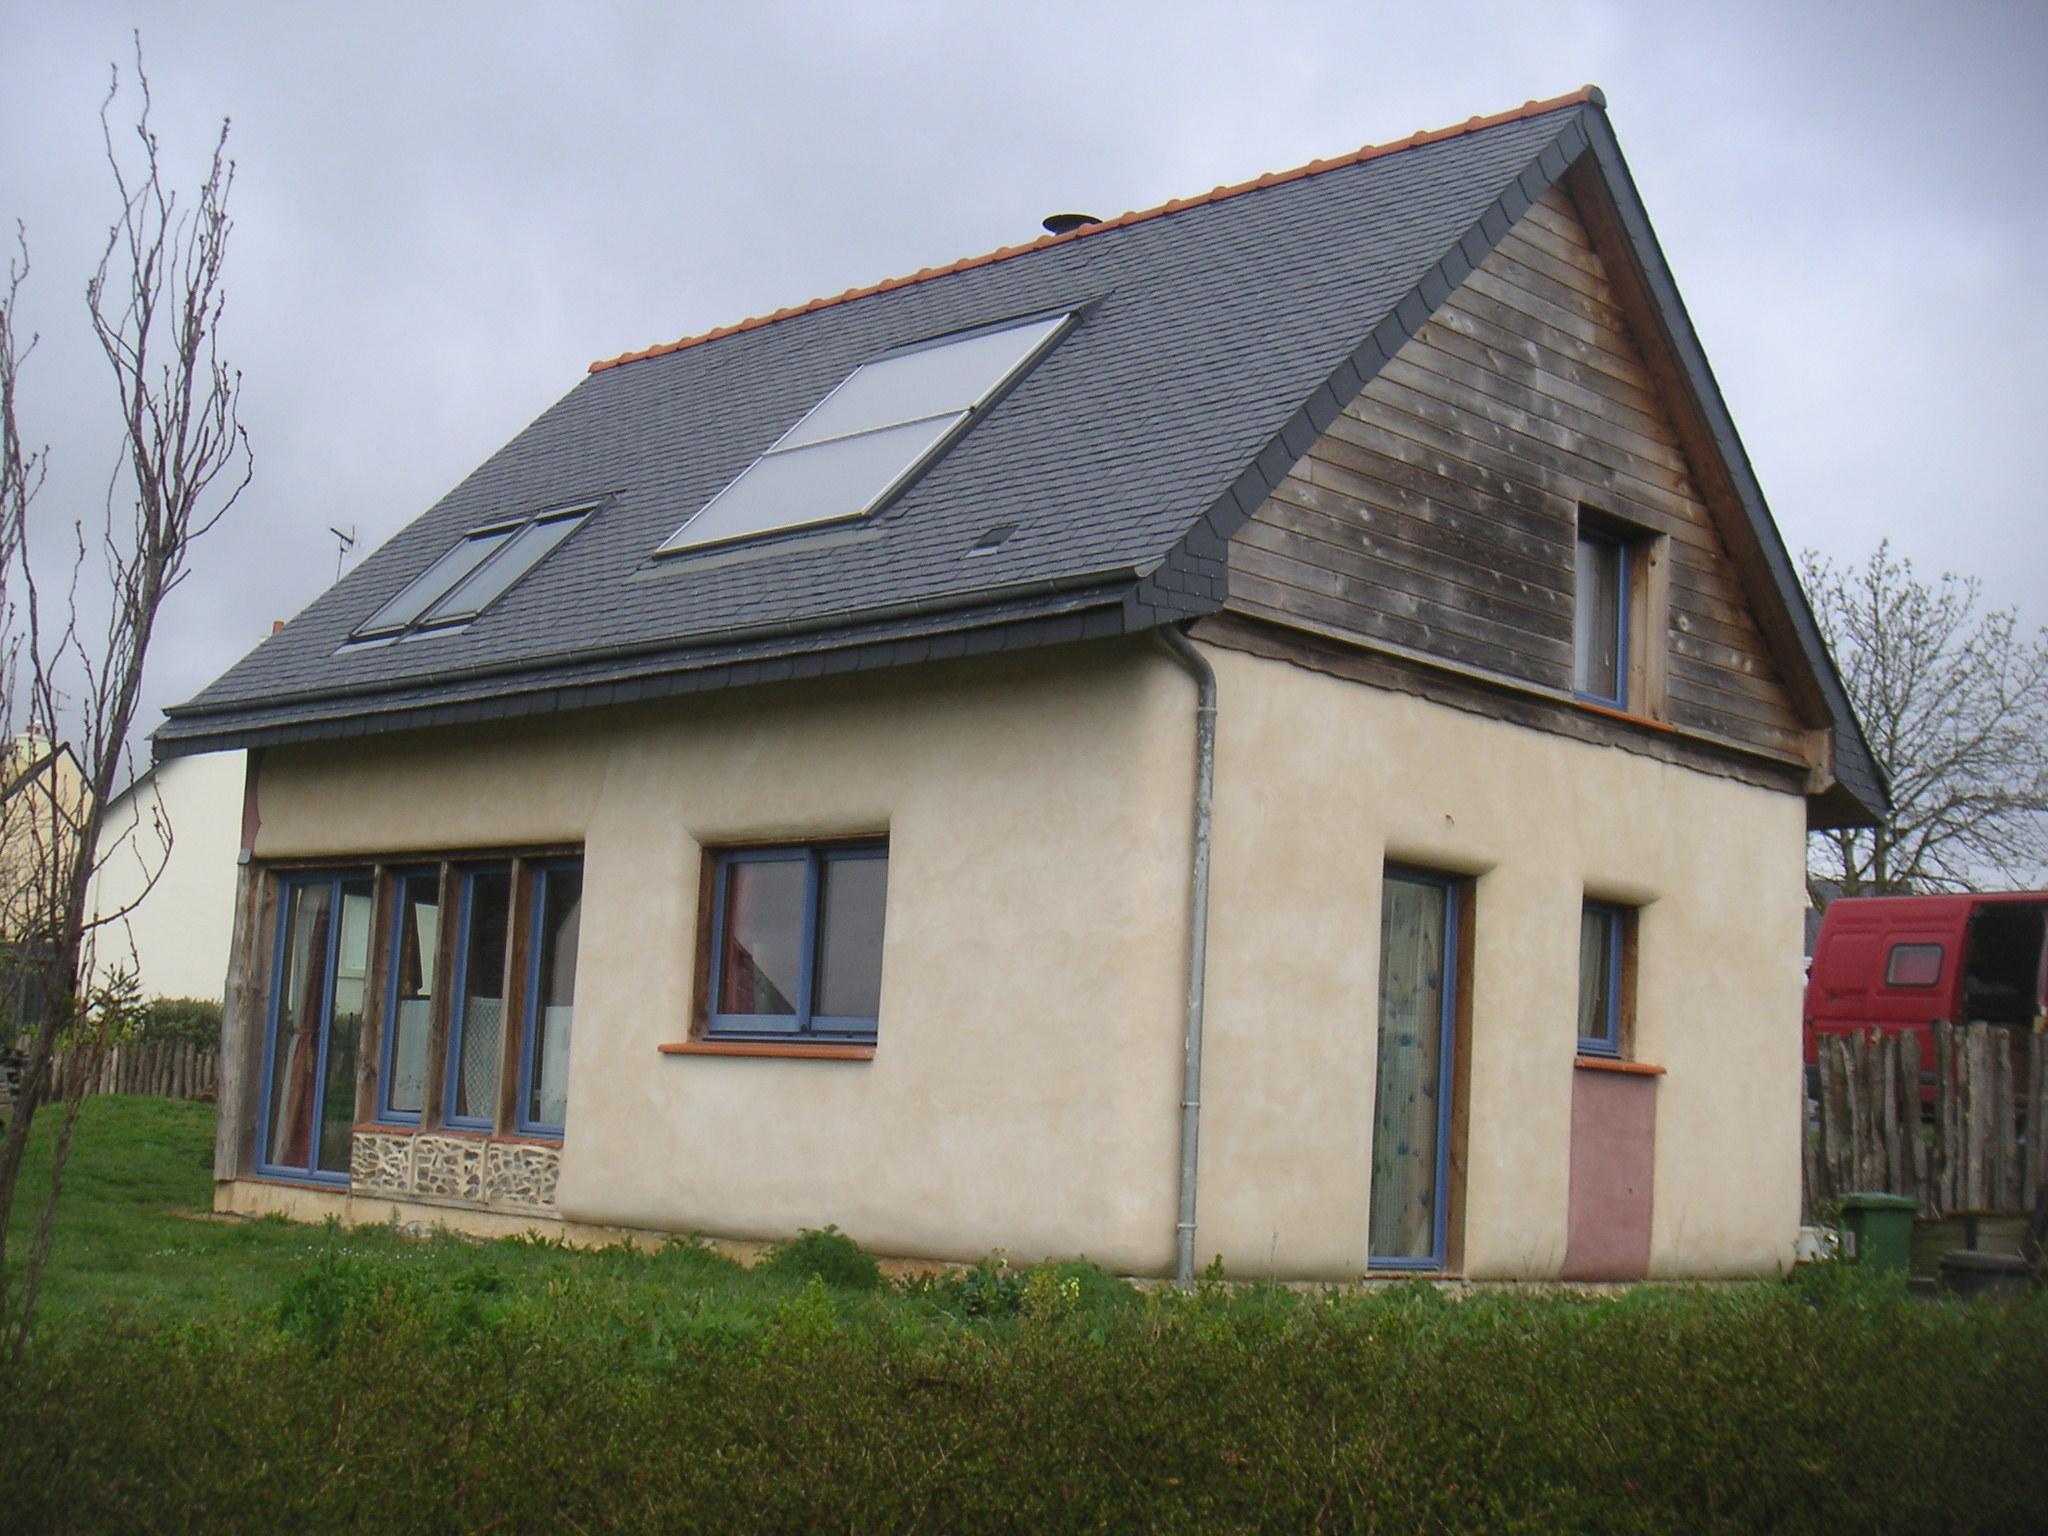 Photo du bâtiment